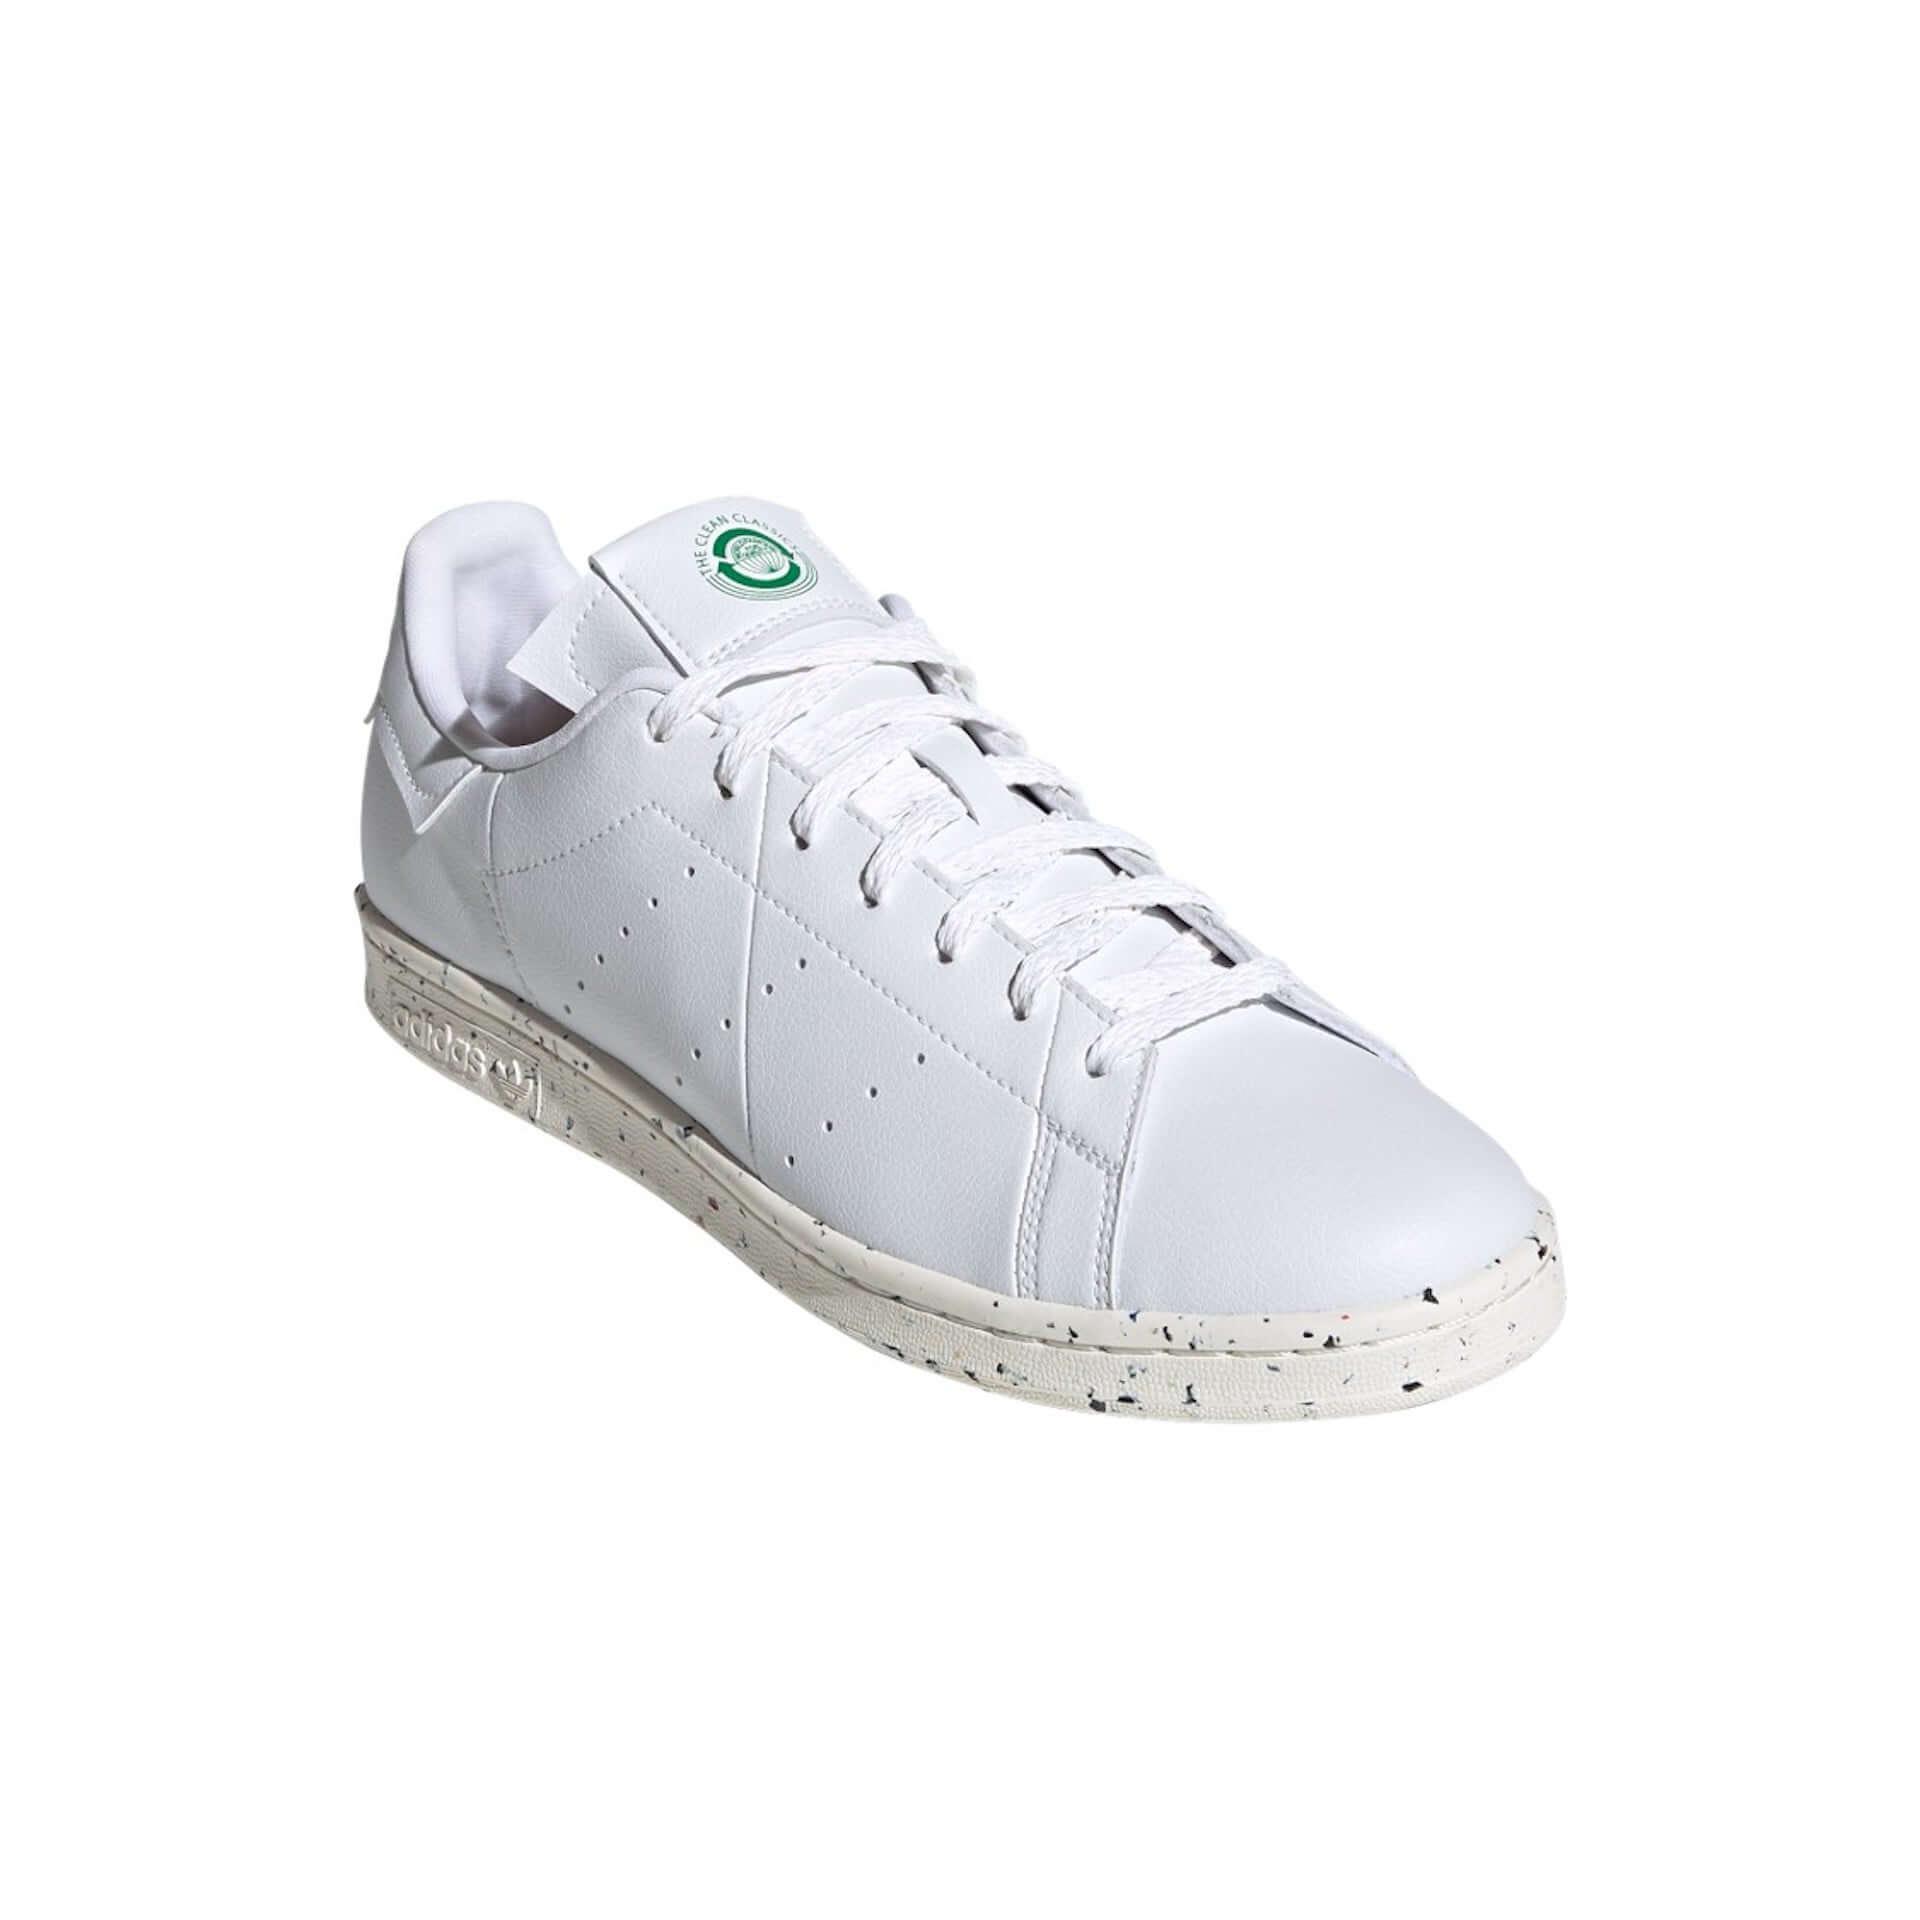 adidas Originalsがサステナブルなフットウェアコレクション「Clean Classics」を発売!名作「SUPERSTAR」「STAN SMITH」も登場 lf200804_adidas-cleanclassics_13-1920x1920